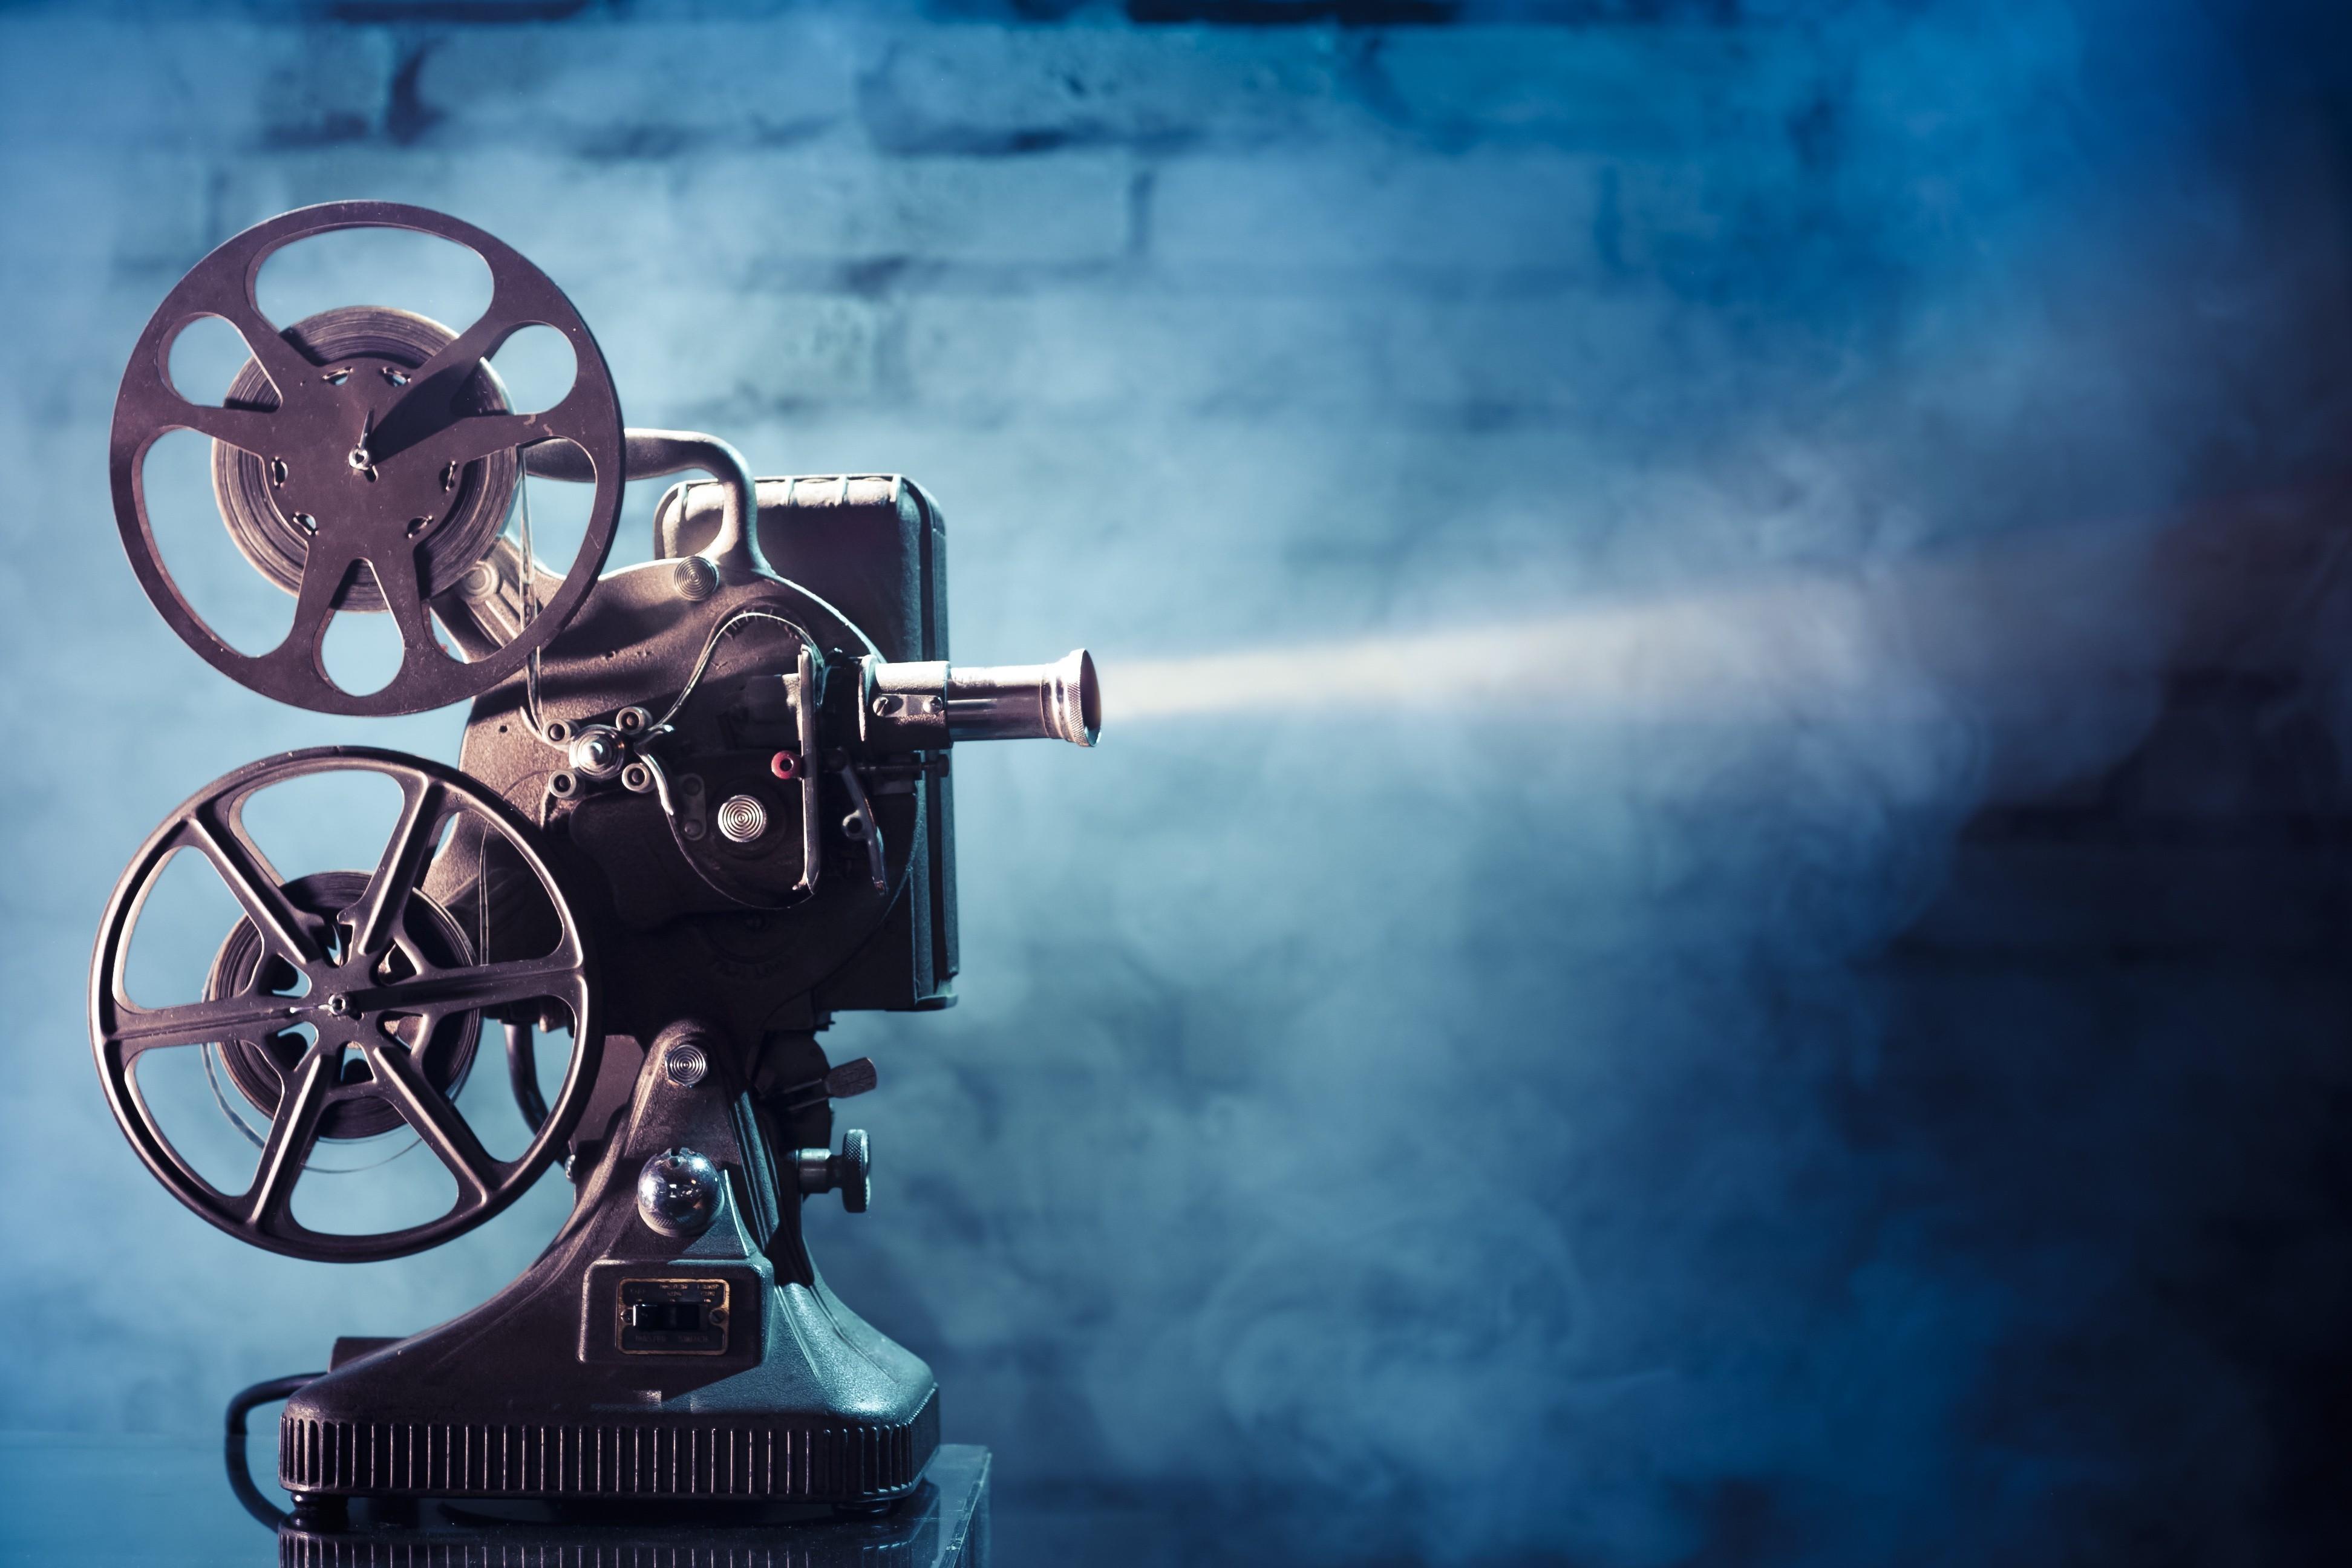 proiettore di cinema